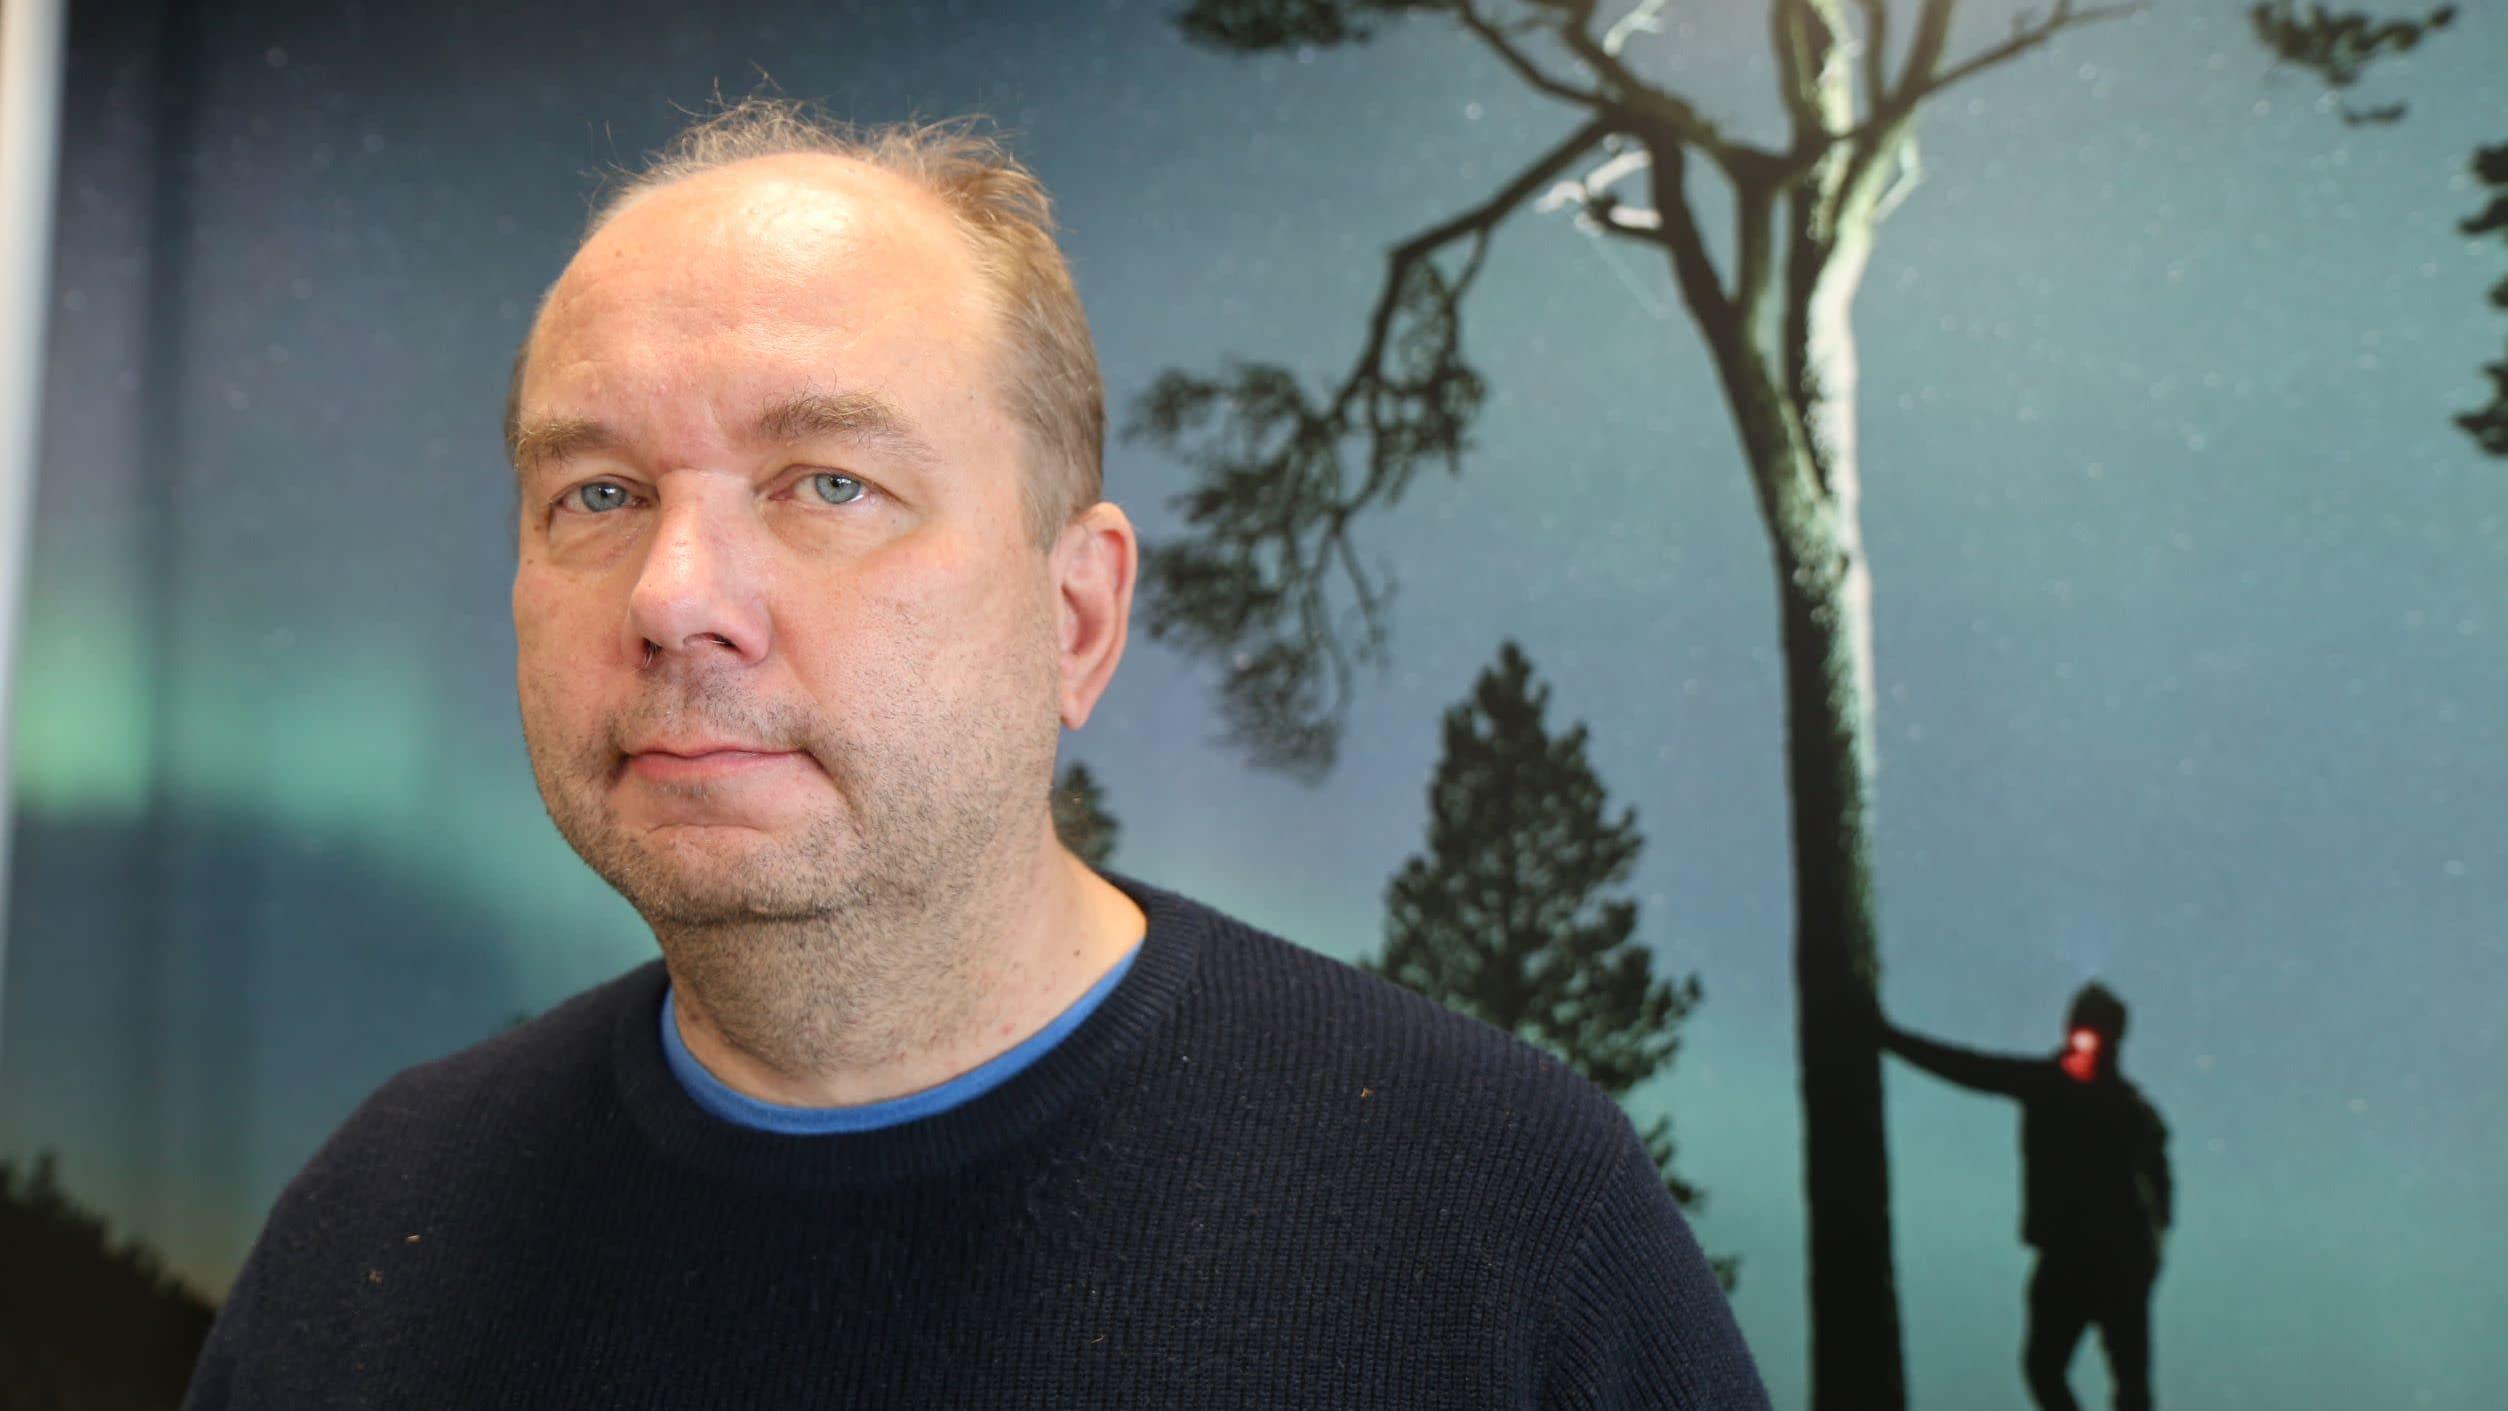 Petri Koikkalainen